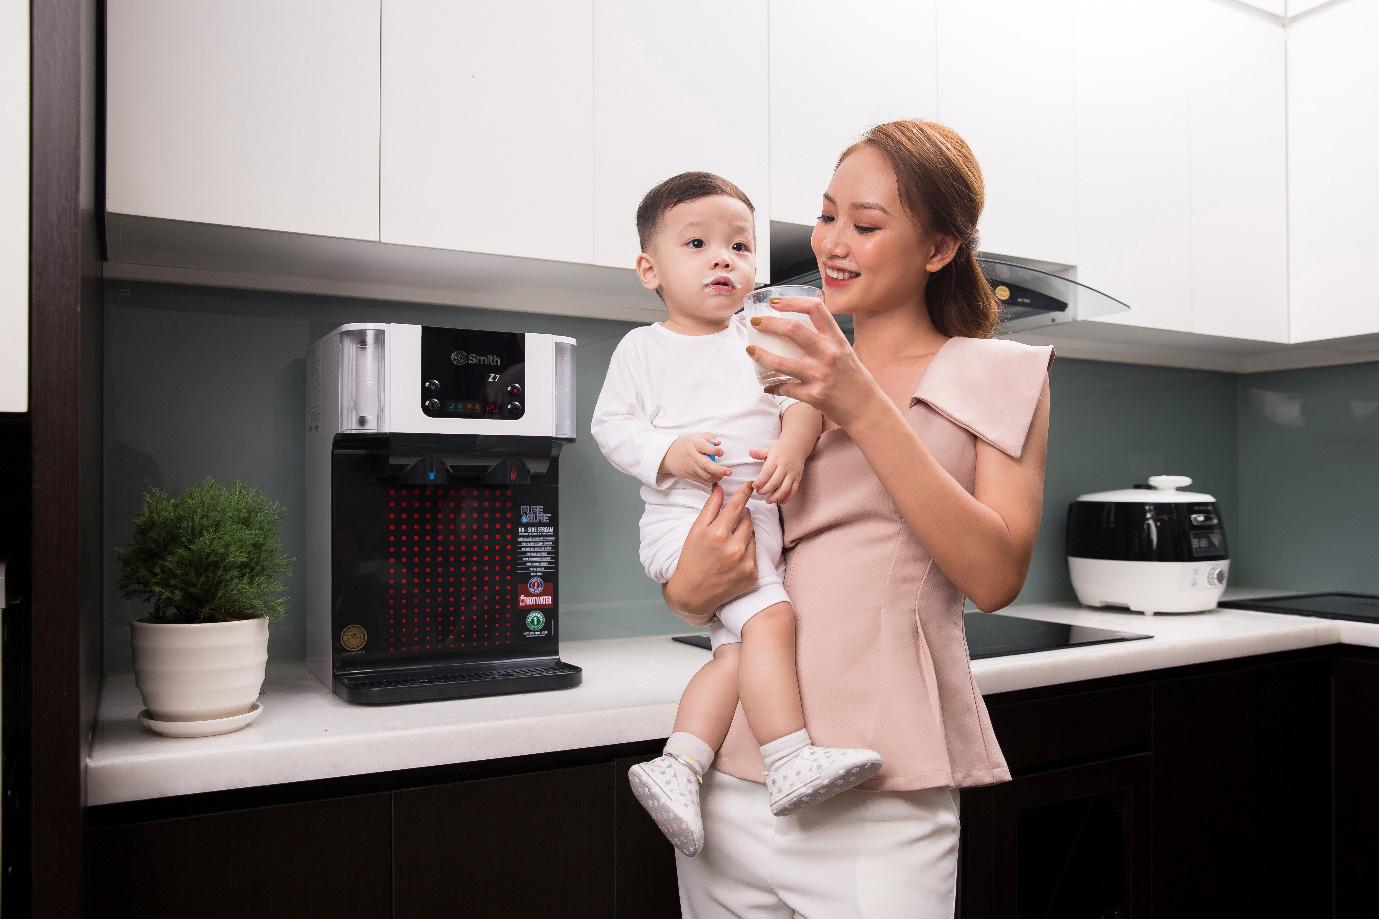 Cẩm nang tư vấn A-Z cách chọn mua máy lọc nước như ý cho các gia đình - Ảnh 3.